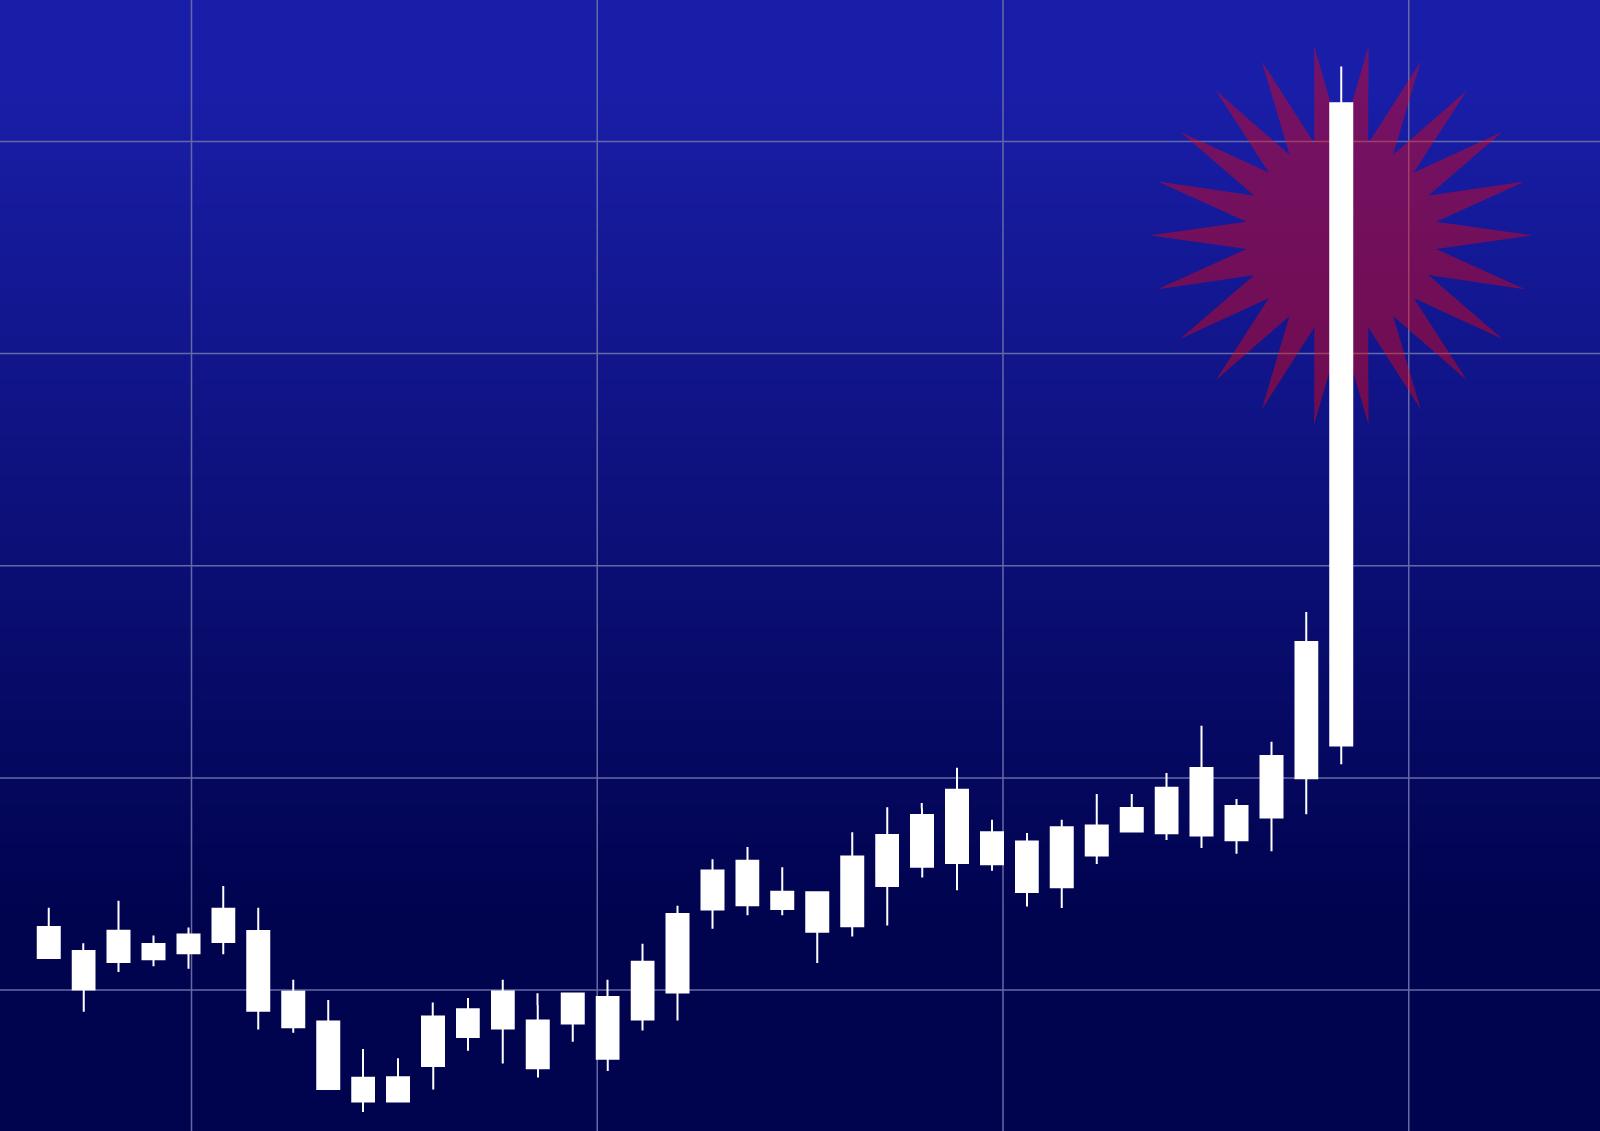 日本銀行の為替介入とは誰の指示でなんのためにやるの?資金源は?